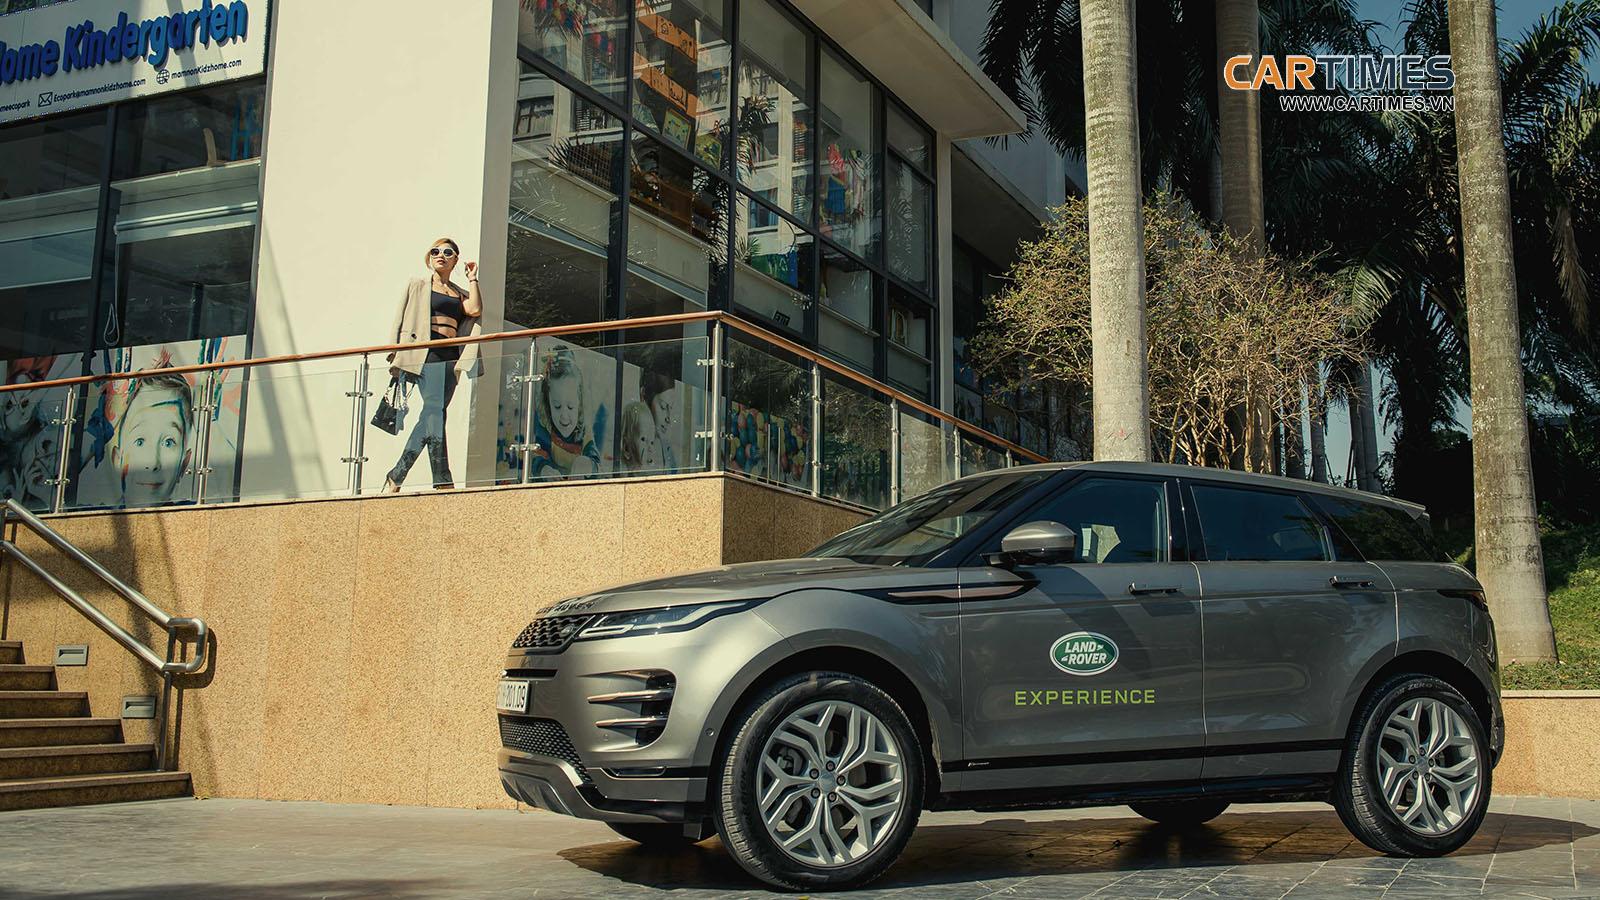 Range Rover Evoque xuống phố cùng cô nàng cá tính